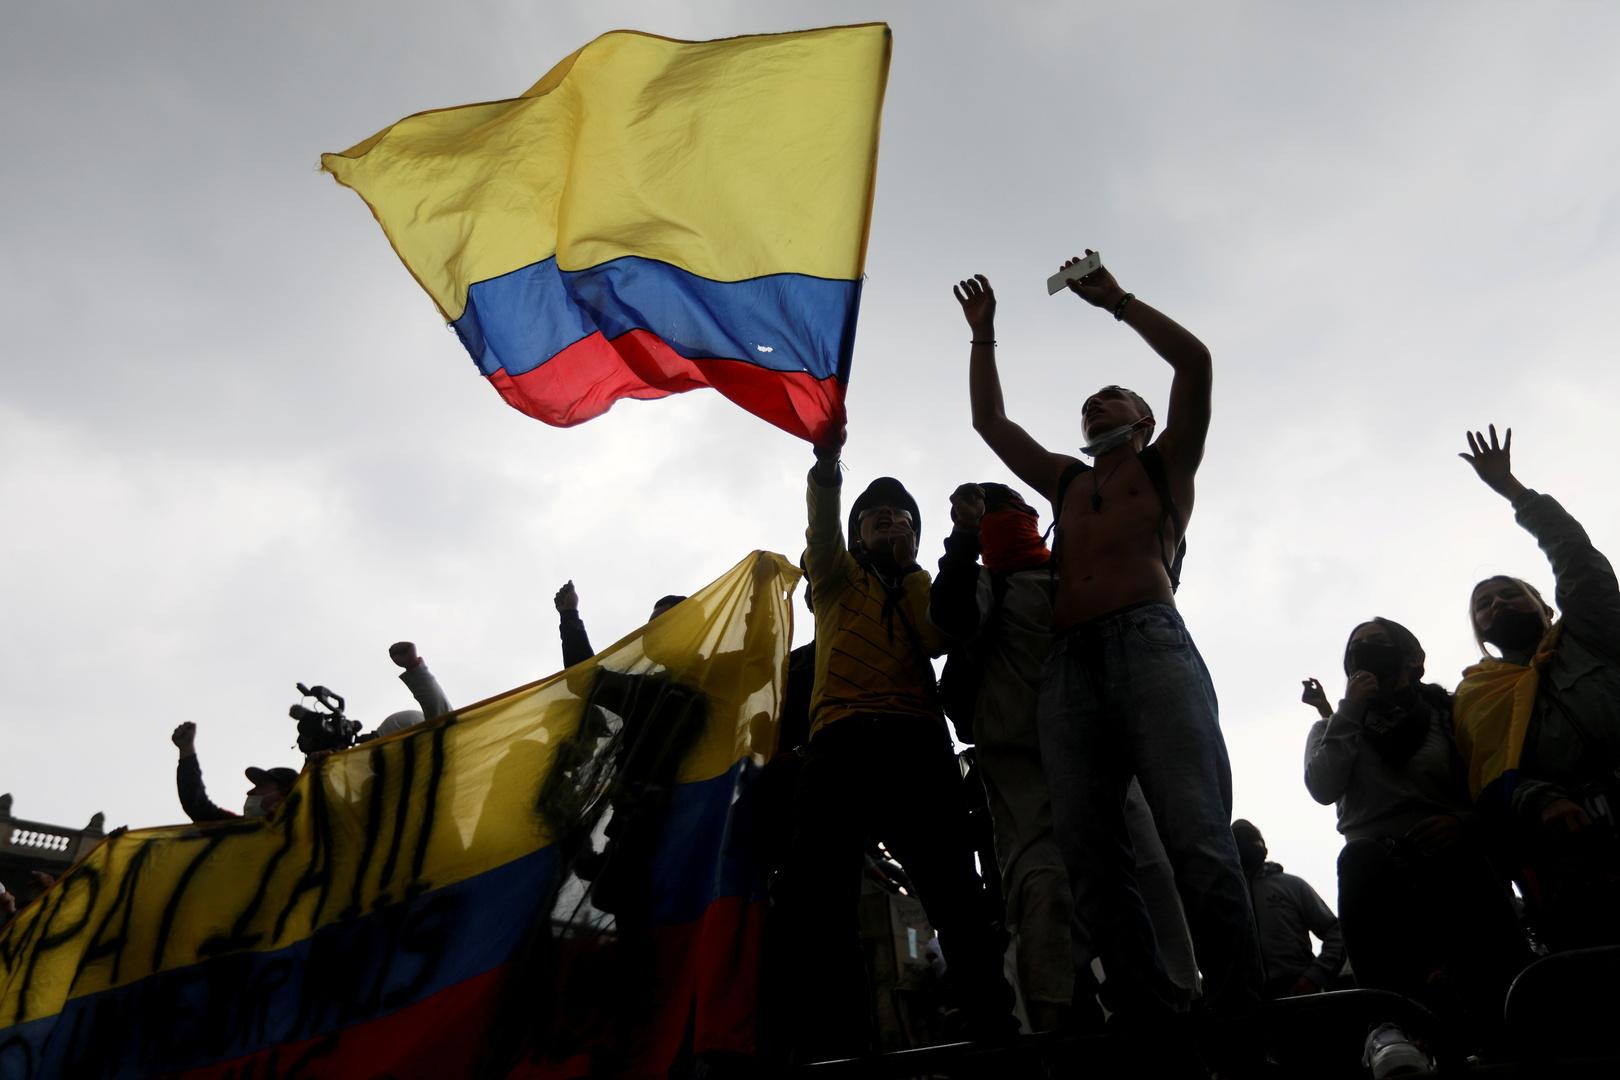 قرصنة الموقع الإلكتروني للجيش الكولومبي احتجاجا على العنف ضد المتظاهرين